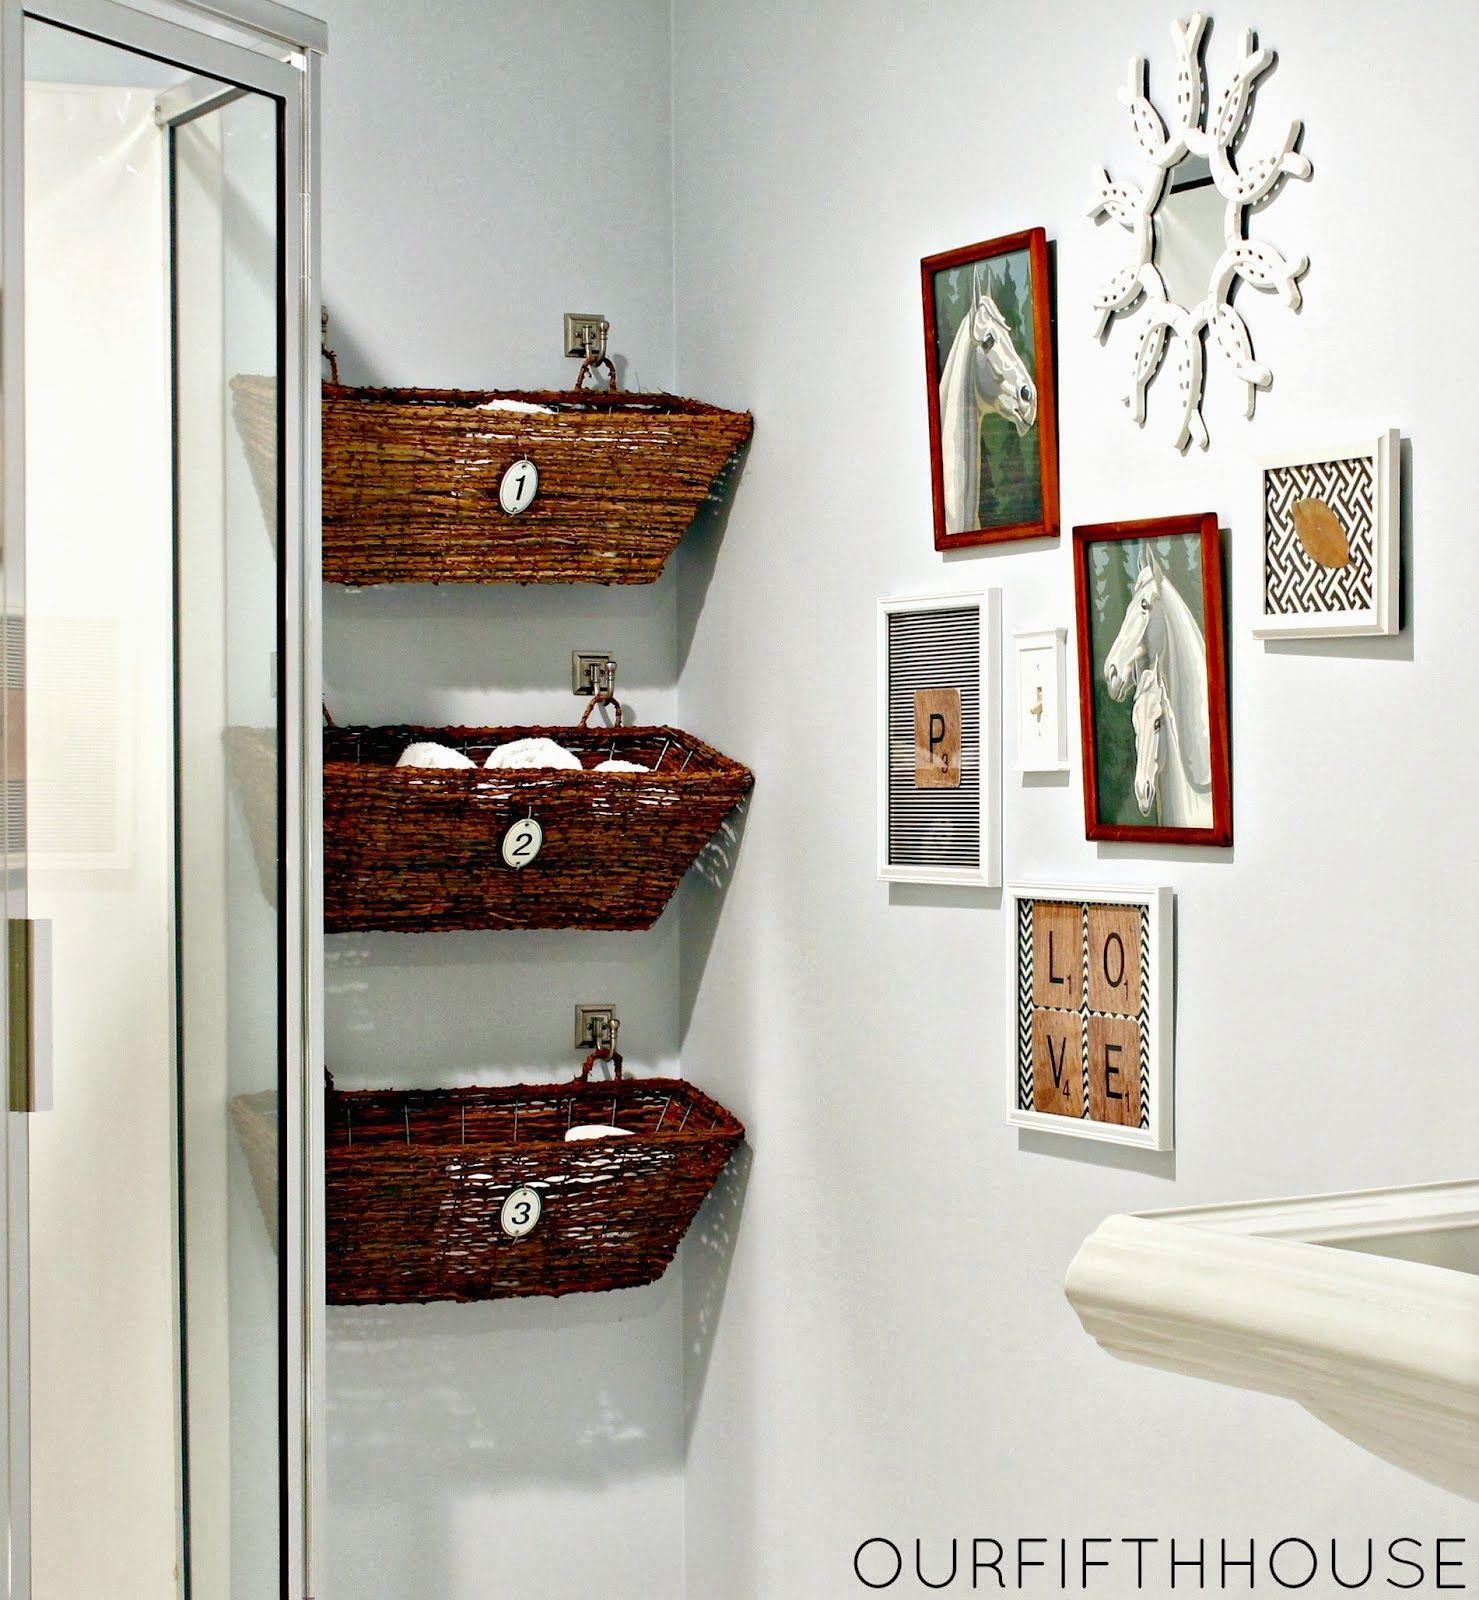 bathroom decor ideas   Bathrooms ideas   Pinterest